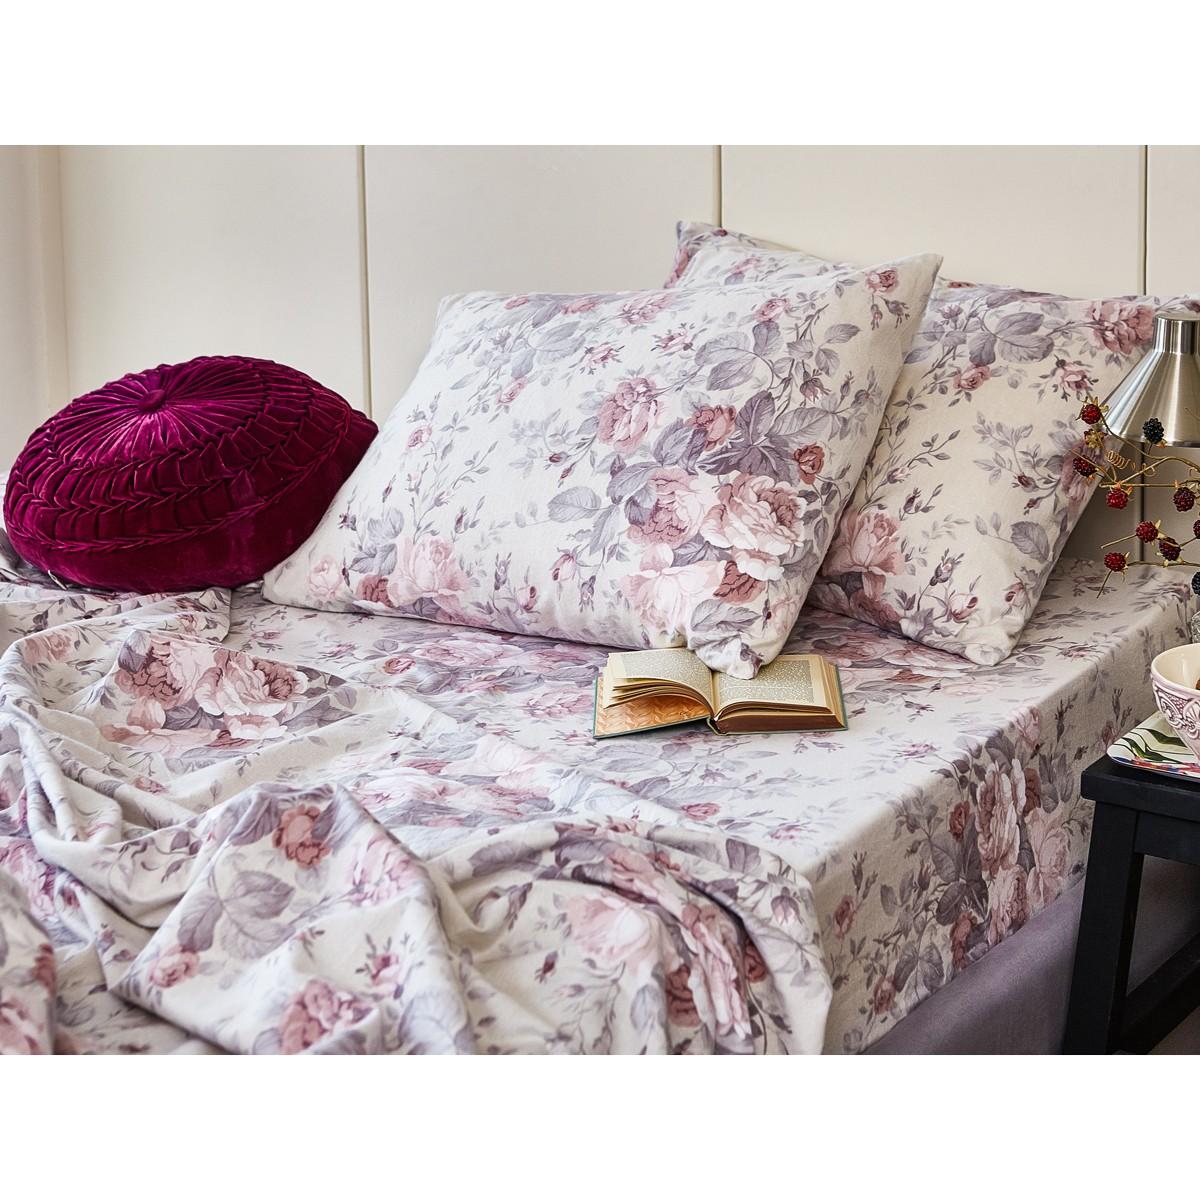 Φανελένια Σεντόνια Διπλά (Σετ) Melinen Peony Rose home   κρεβατοκάμαρα   σεντόνια   σεντόνια ημίδιπλα   διπλά